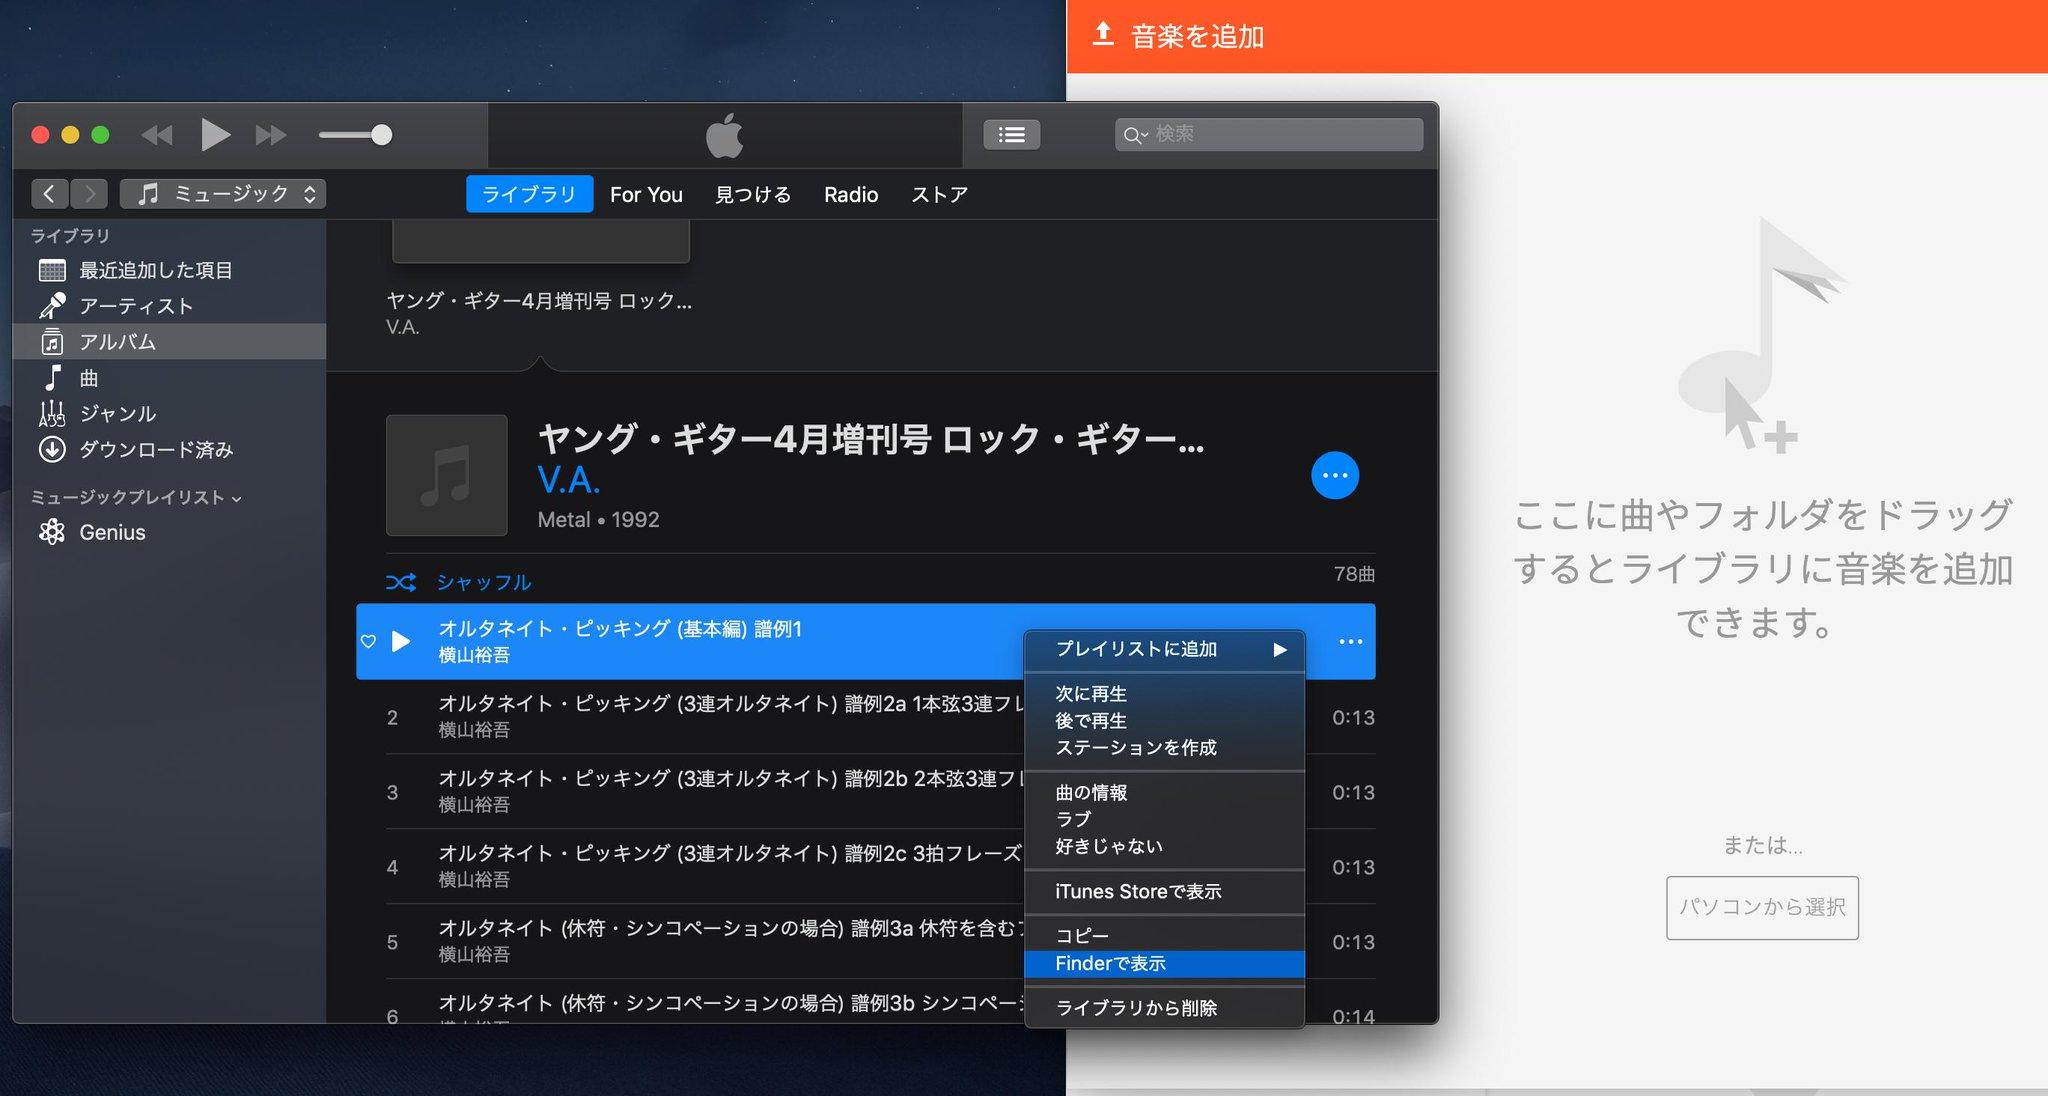 MP3 などの音楽ファイルを iTunes で管理しなくなった。macOS + iTunes で CD をリッピング → Finder からWebブラウザにD&Dして Google Music に音楽をアップロード。今後は、自宅のファイルサーバで音楽ファイルを管理。曲を聴くのは Google Play Music がメインになりそう。 https://t.co/DQM8zOBm4U